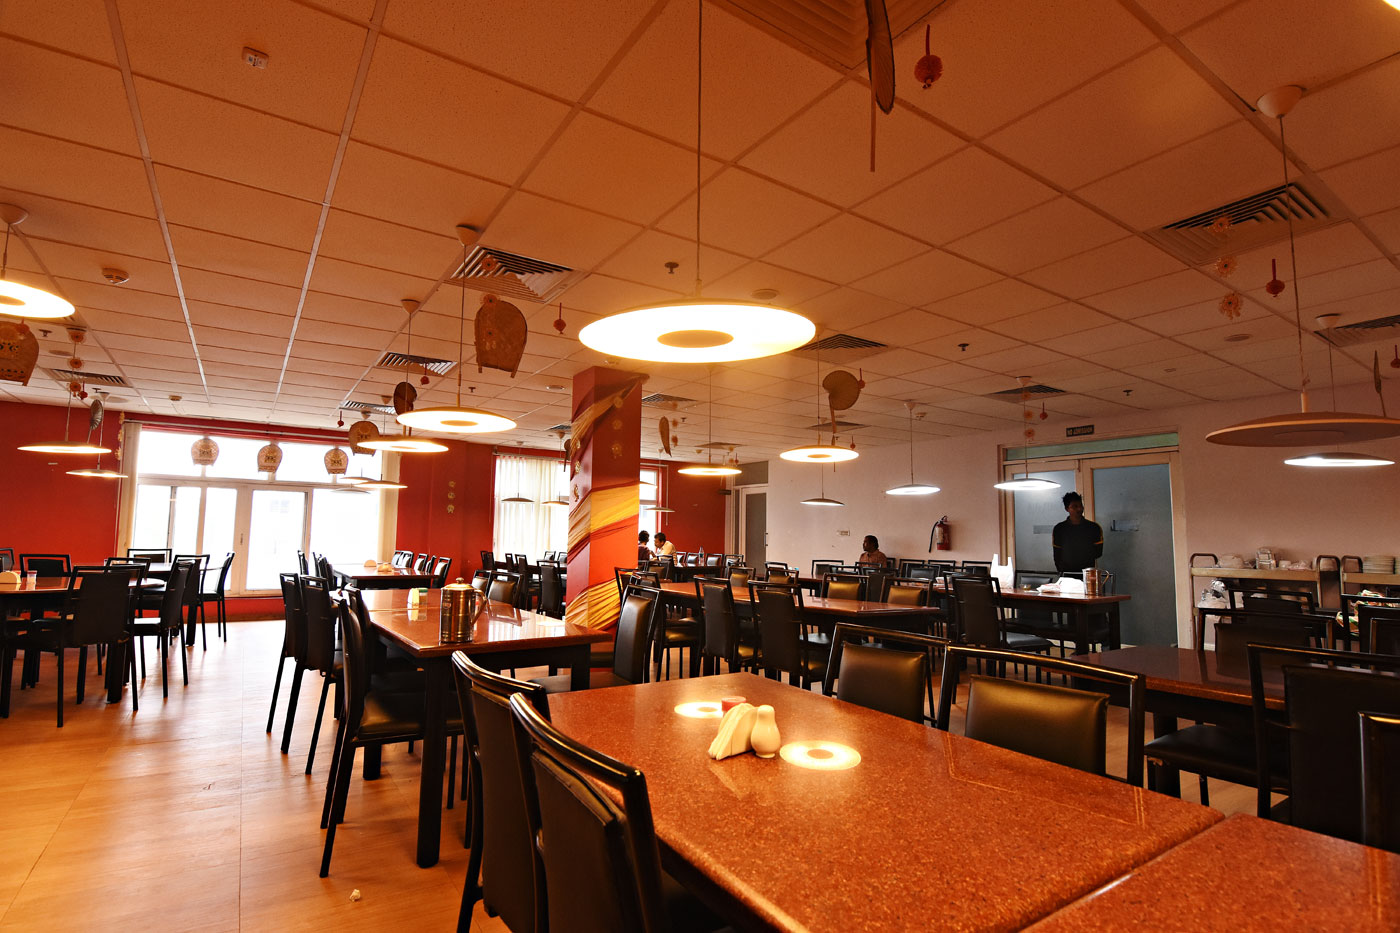 Multi cuisine Restaurant : Actual Image